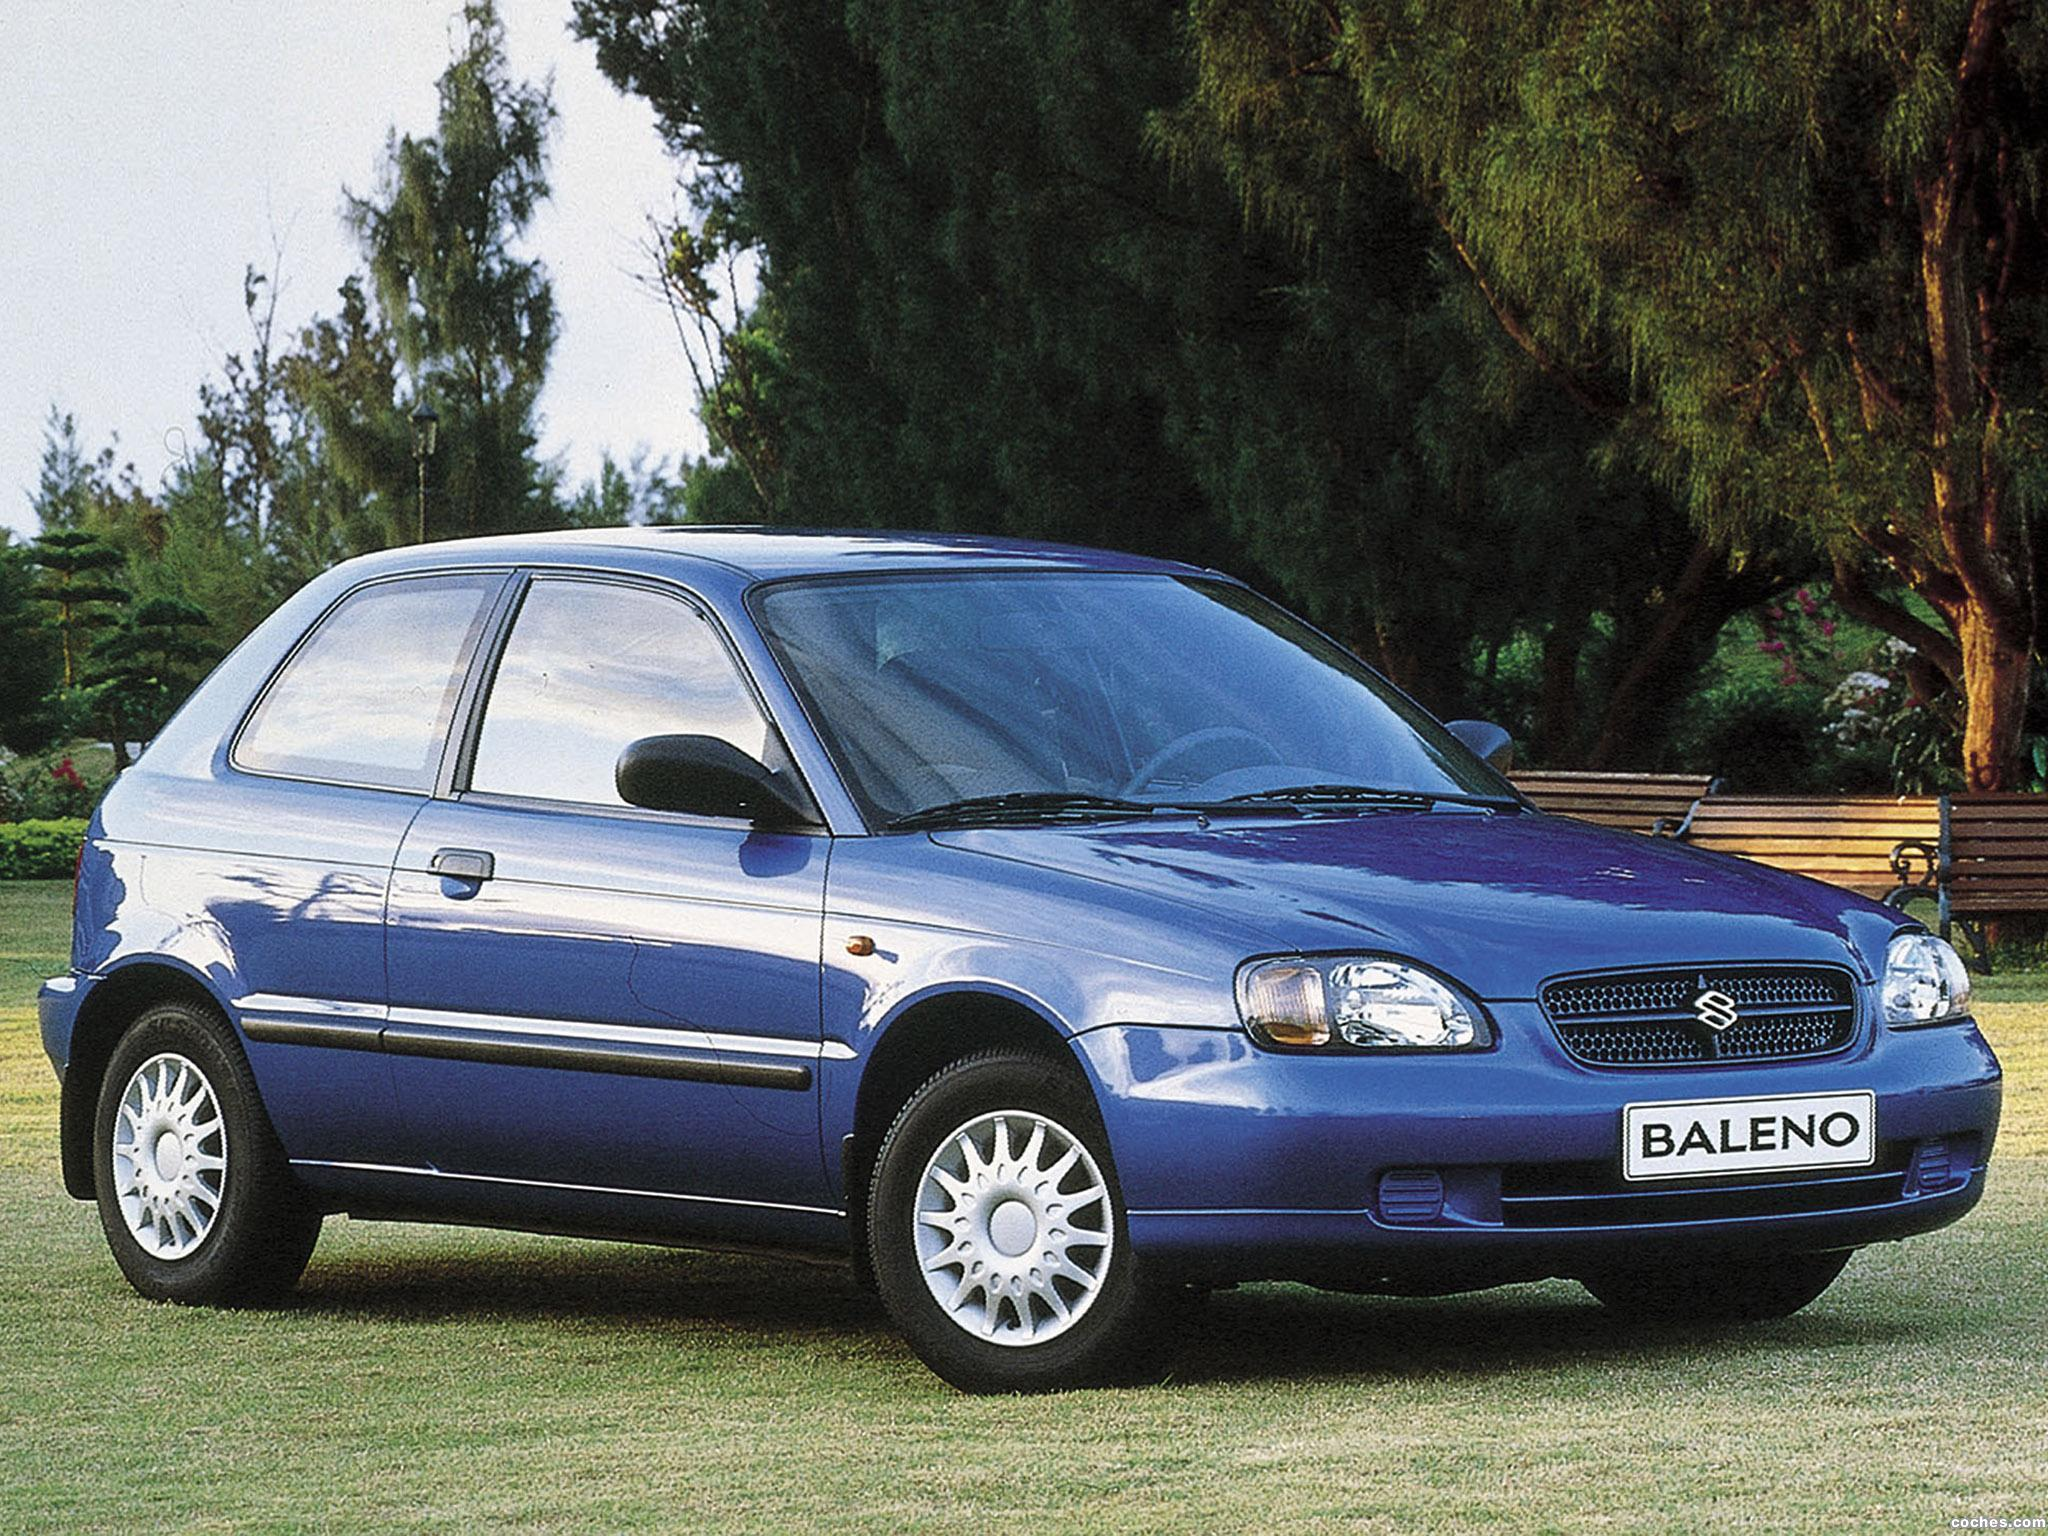 Foto 0 de Suzuki Baleno Hatchback 1999